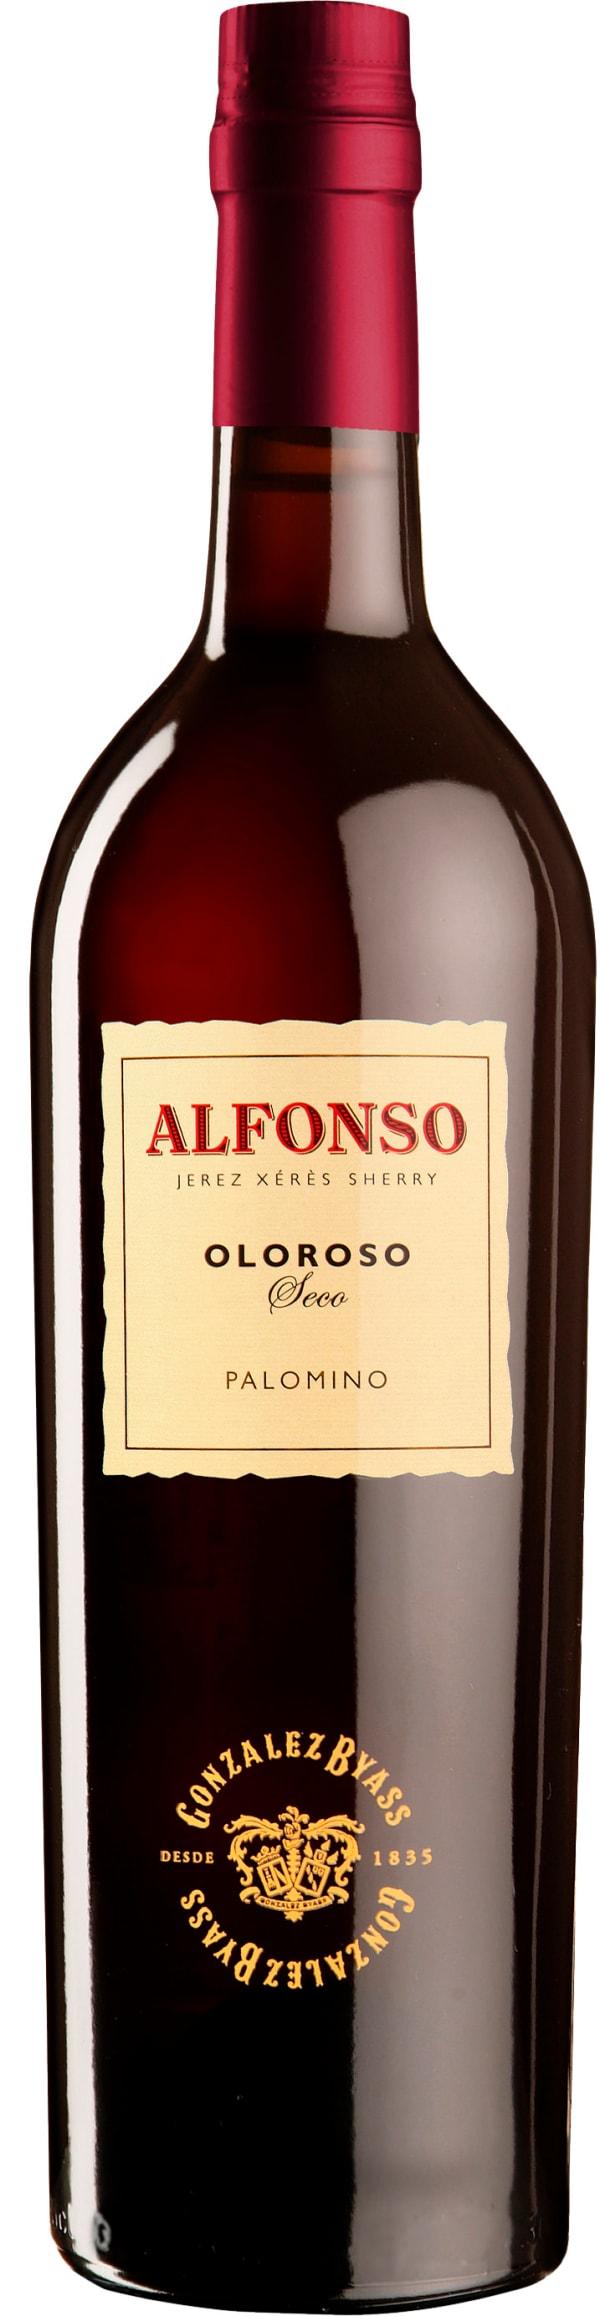 Alfonso Oloroso Seco